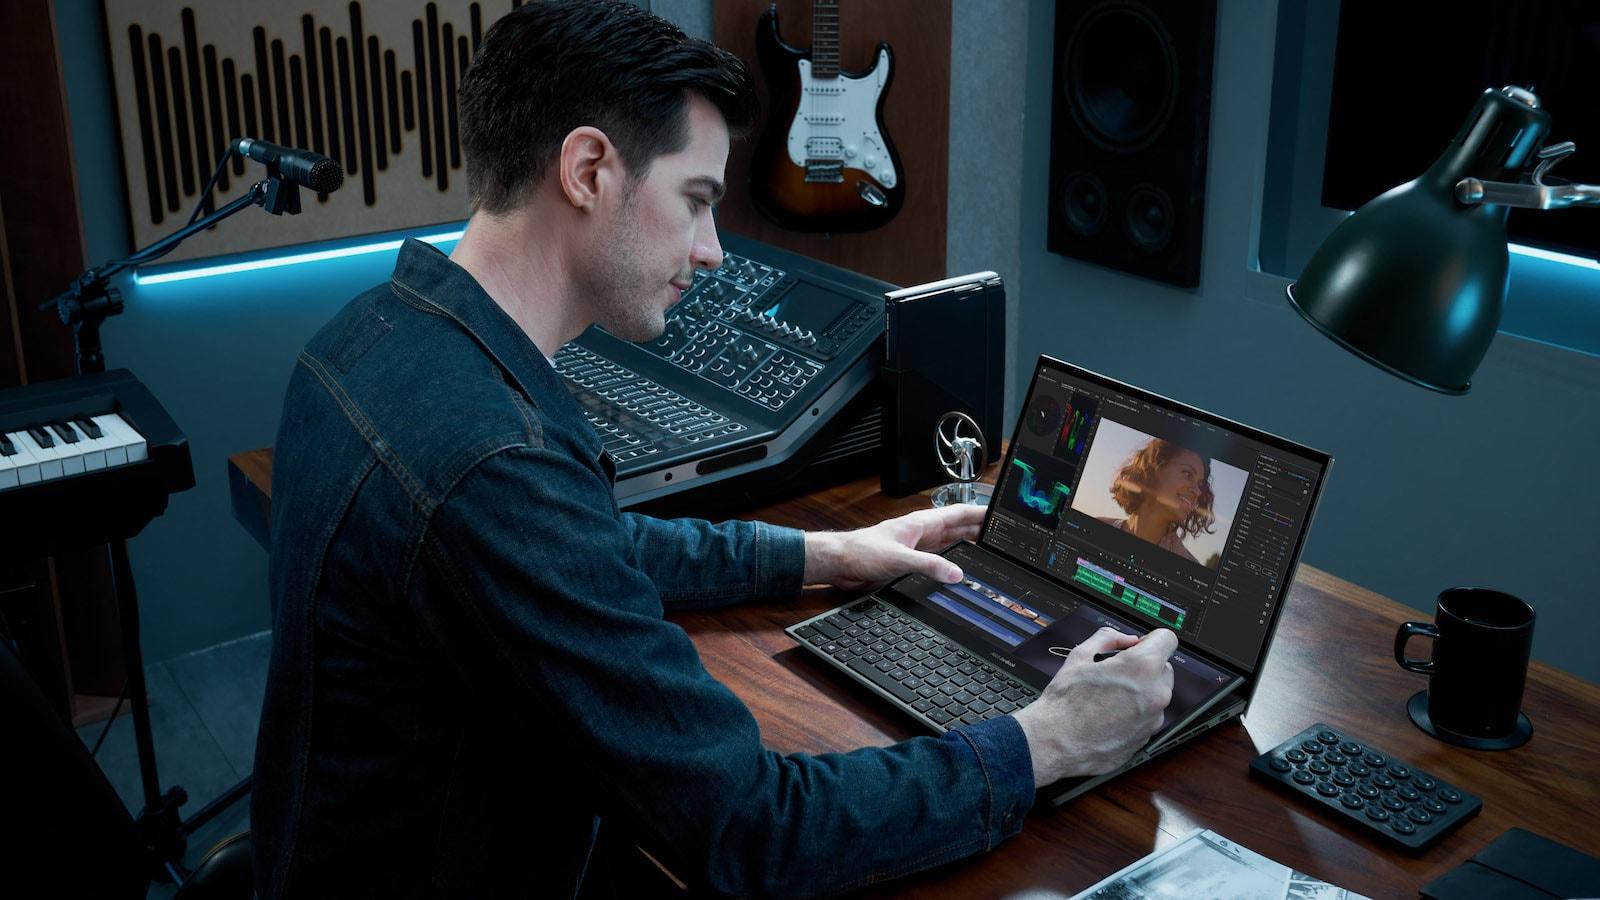 ASUS ZenBook Pro Duo 15 OLED laptop has the tilting ASUS ScreenPad Plus